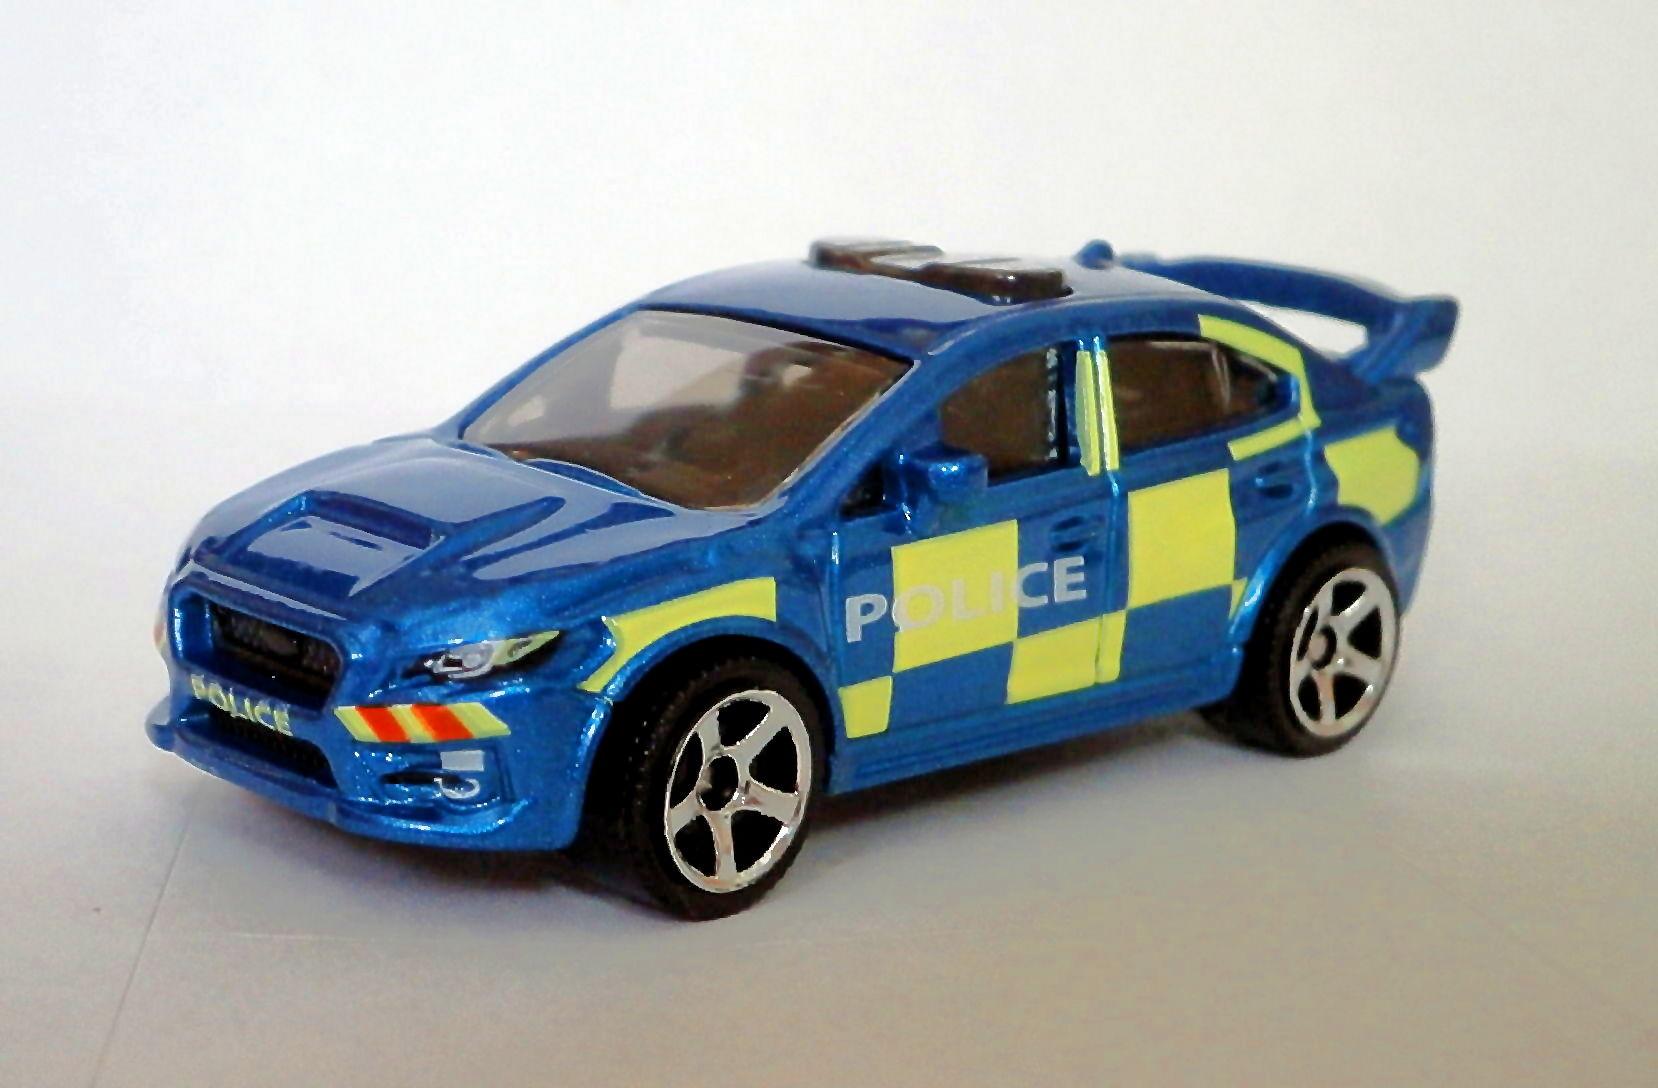 '15 Subaru WRX STi